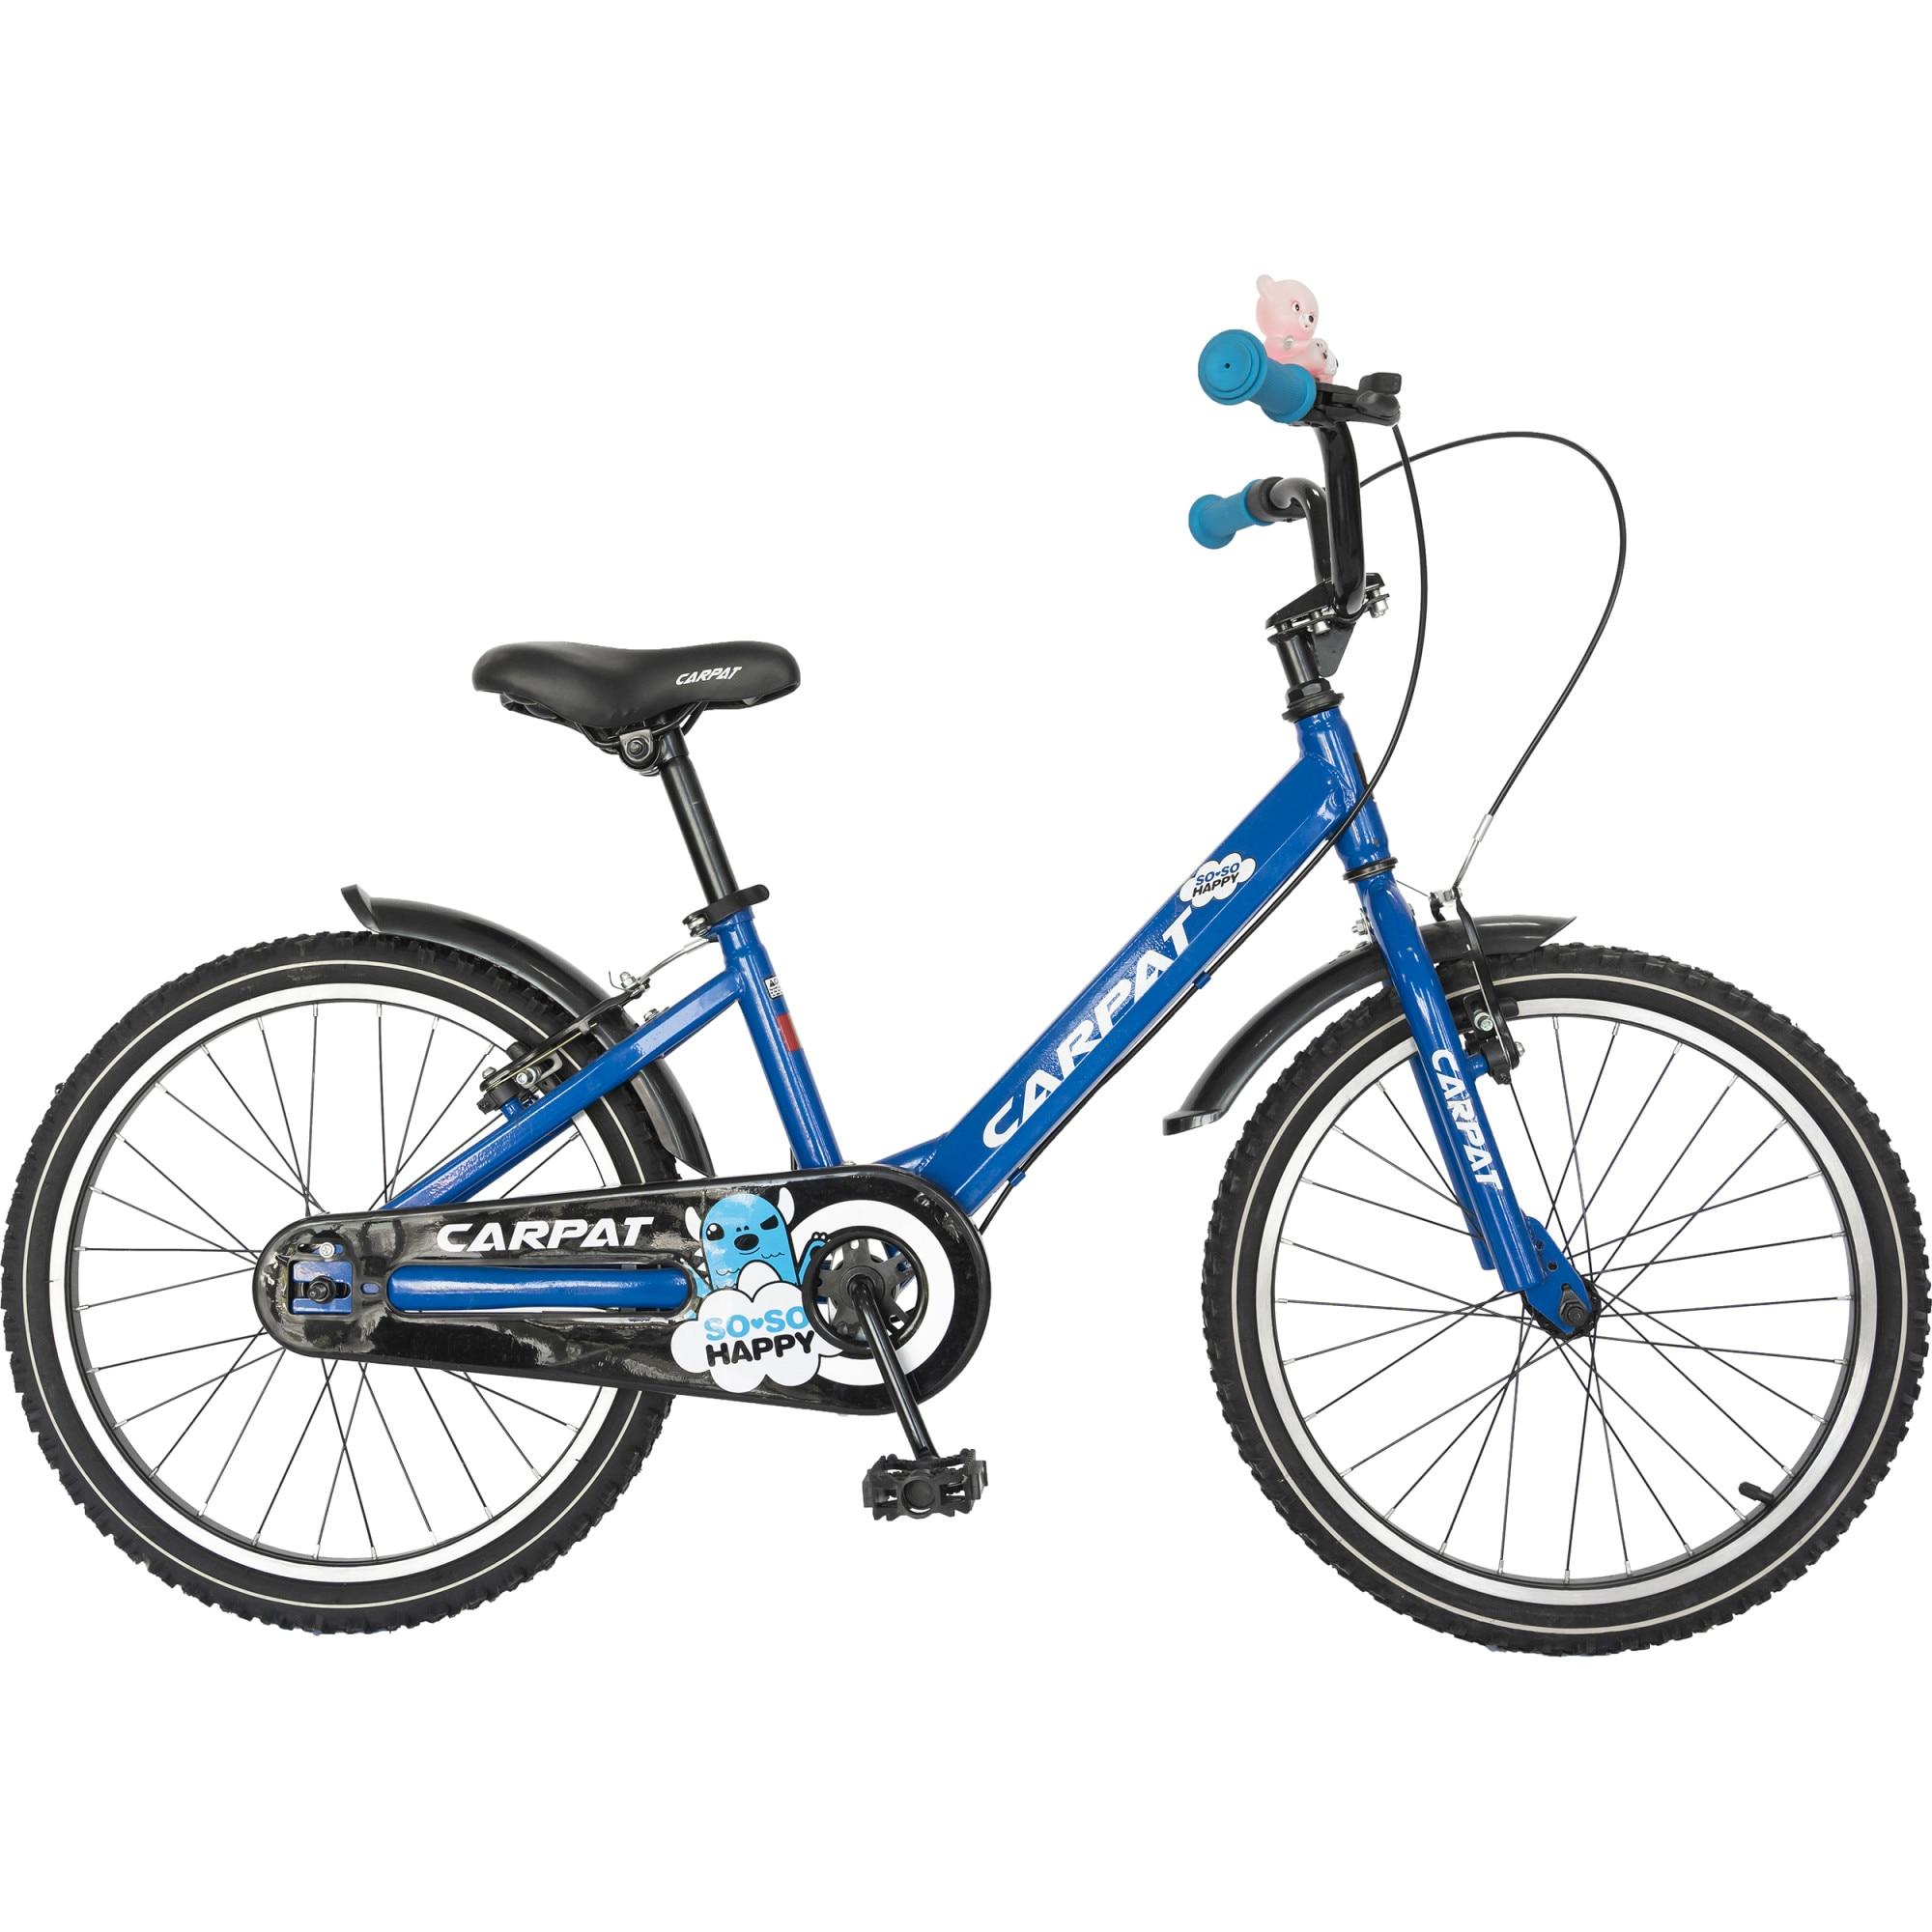 """Fotografie Bicicleta 20"""" Carpat C2001C pentru copii, Albastru"""